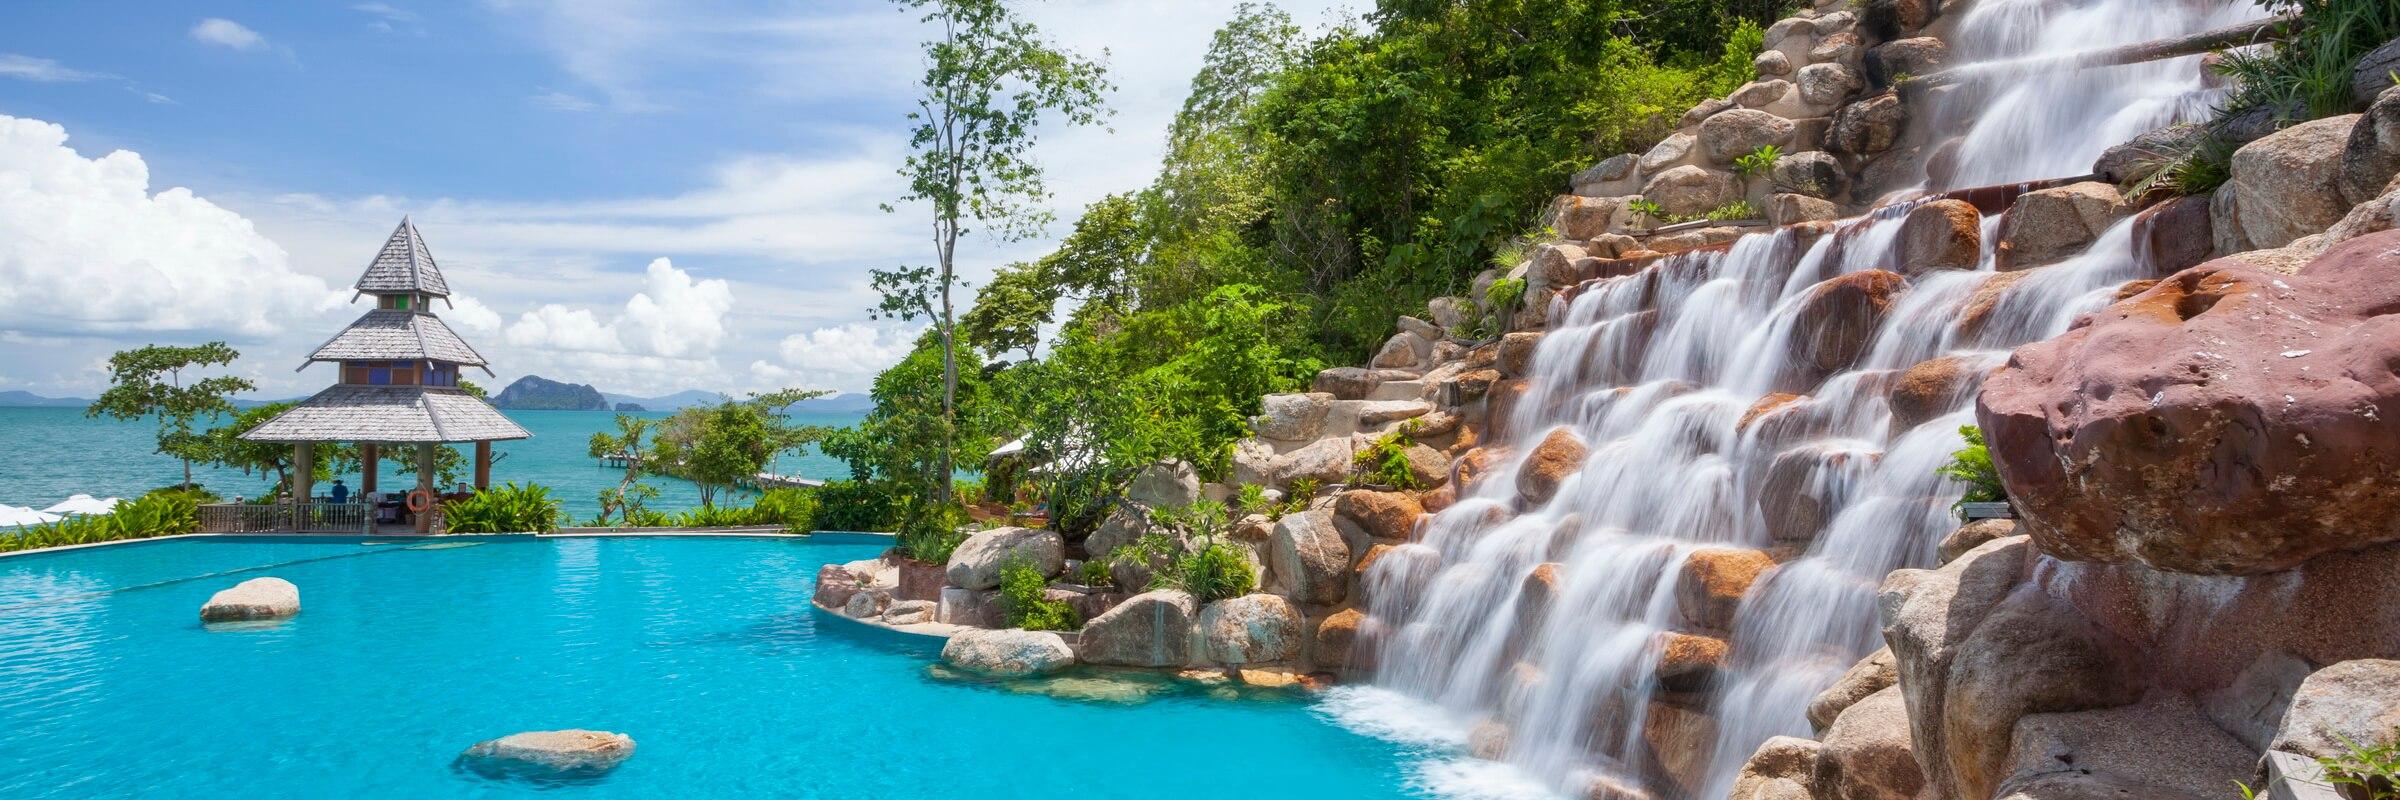 Der ausladende Pool mit zahlreichen Sonnenterassen im Santhiya Resort auf Koh Yao Yai